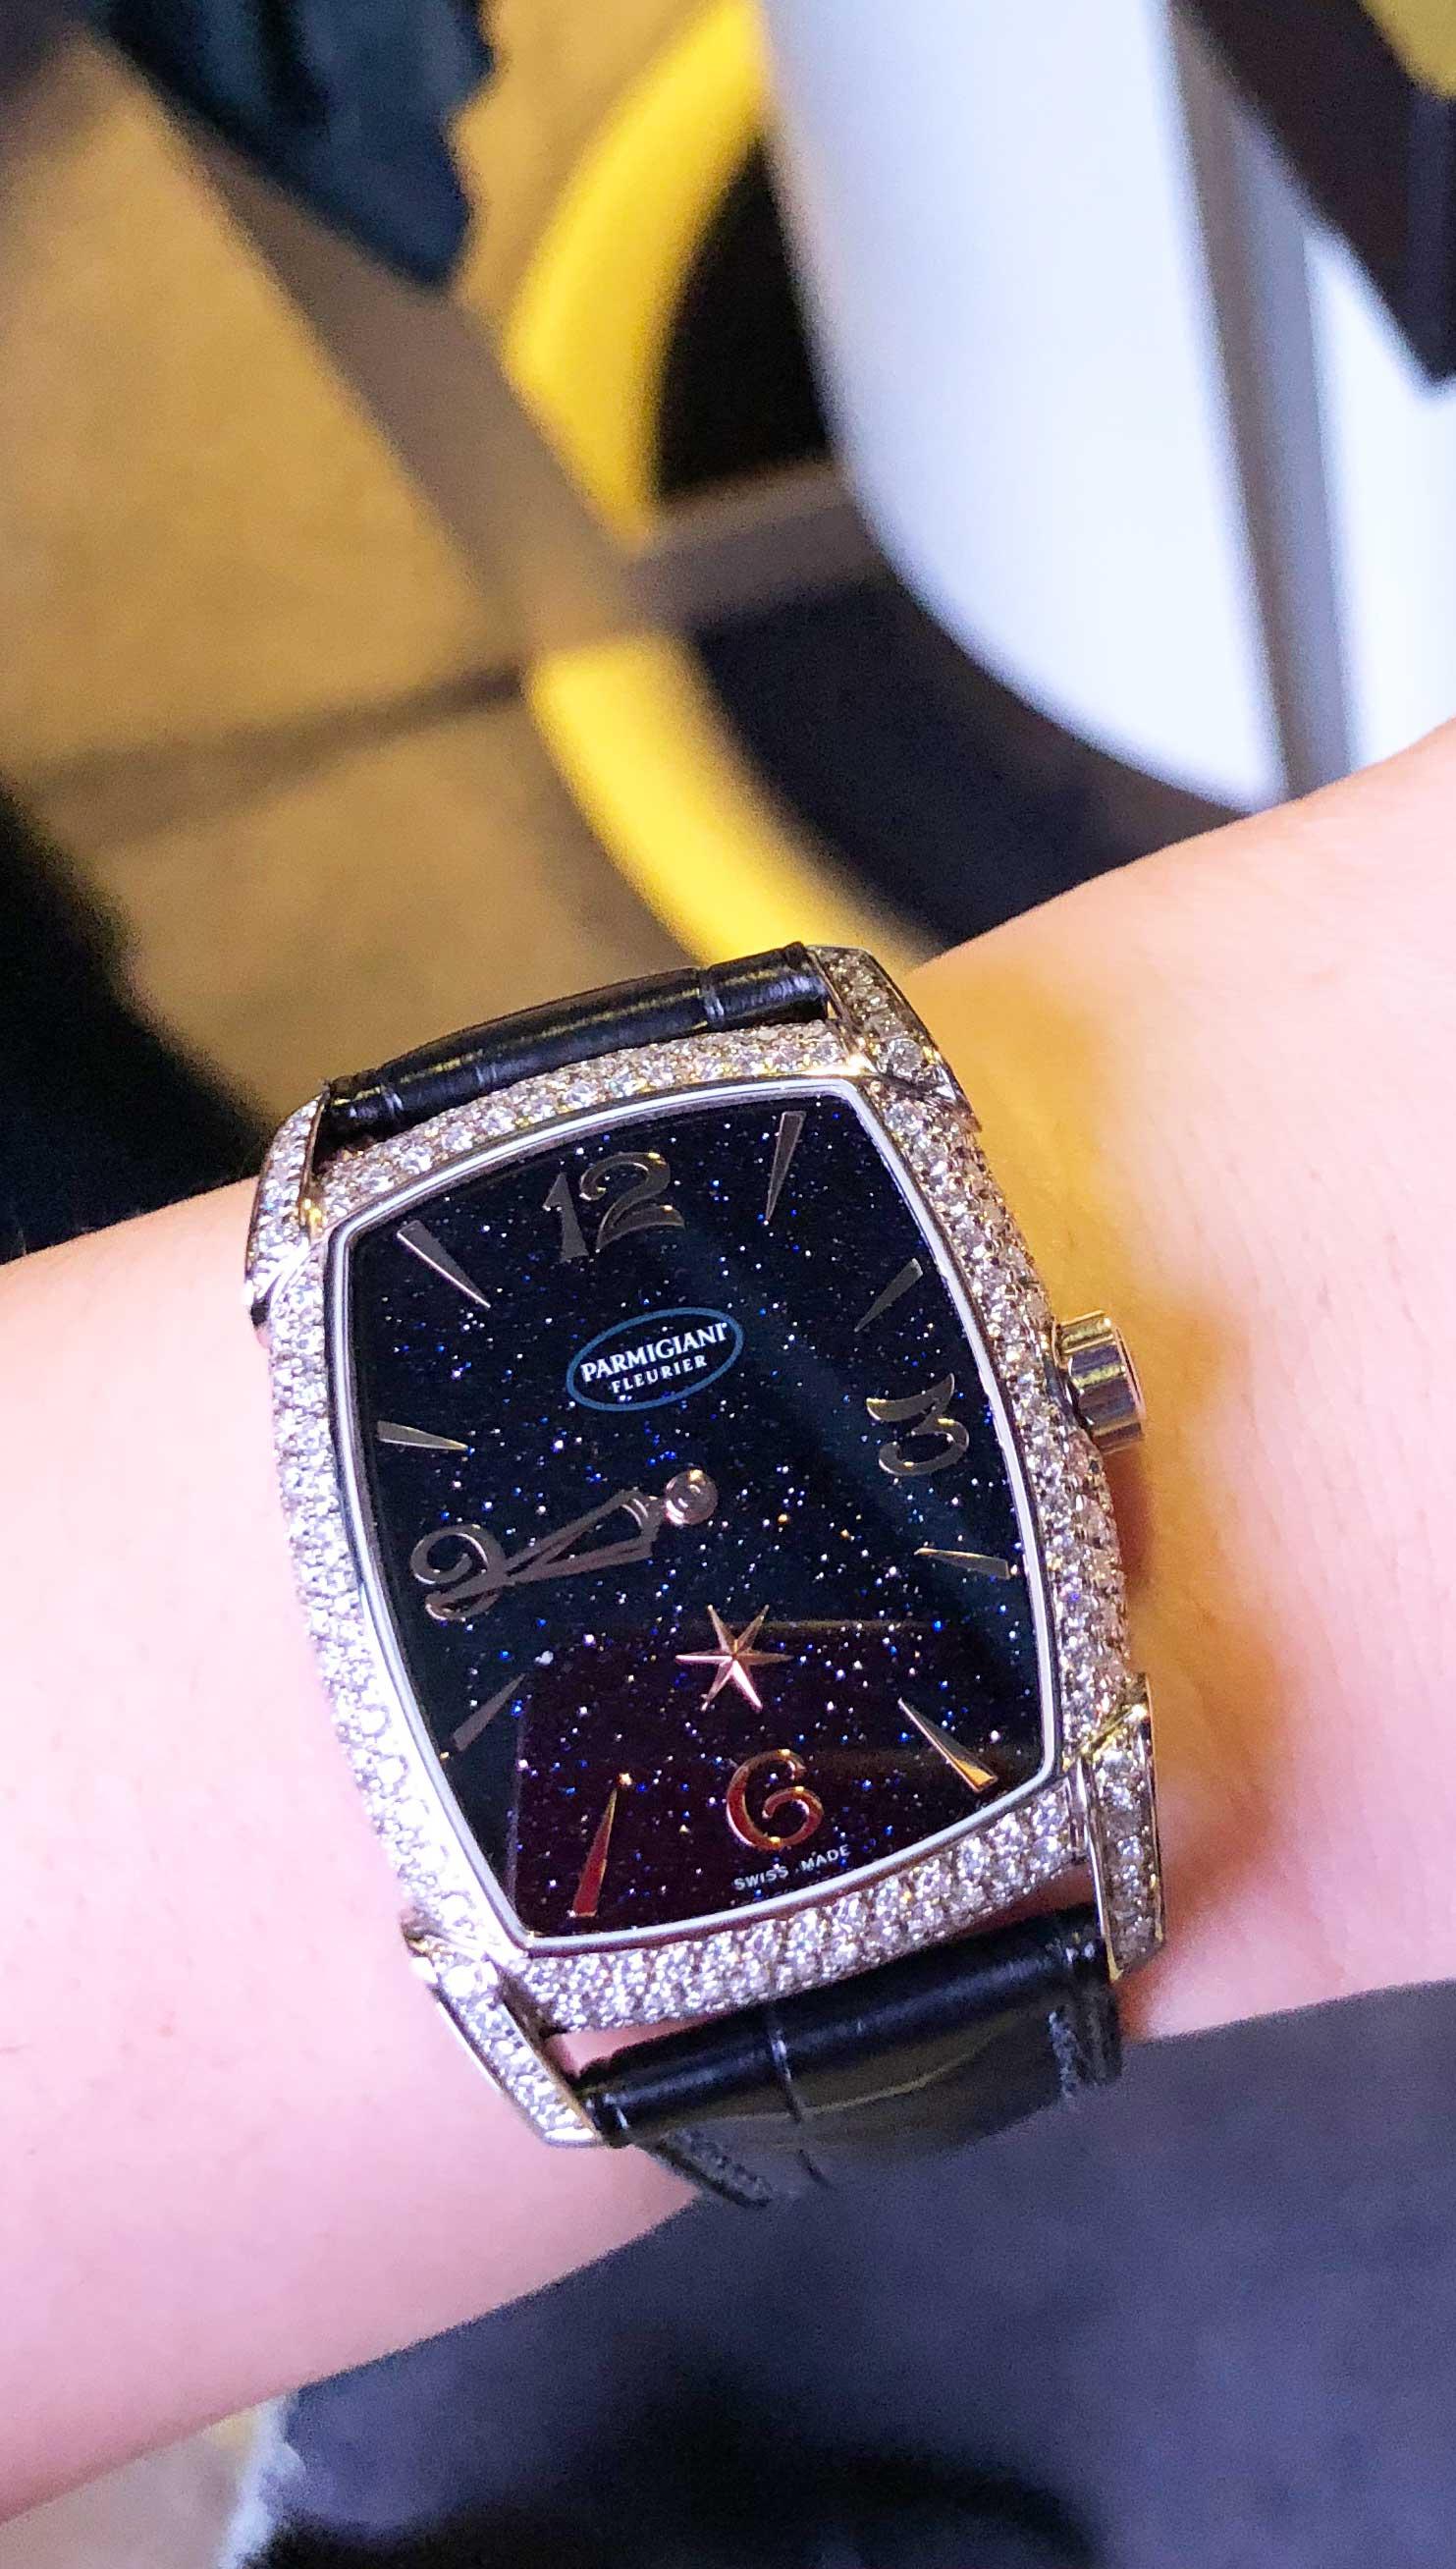 Onlylady X 2018SIHH 帕玛强尼Kalpa系列新款腕表